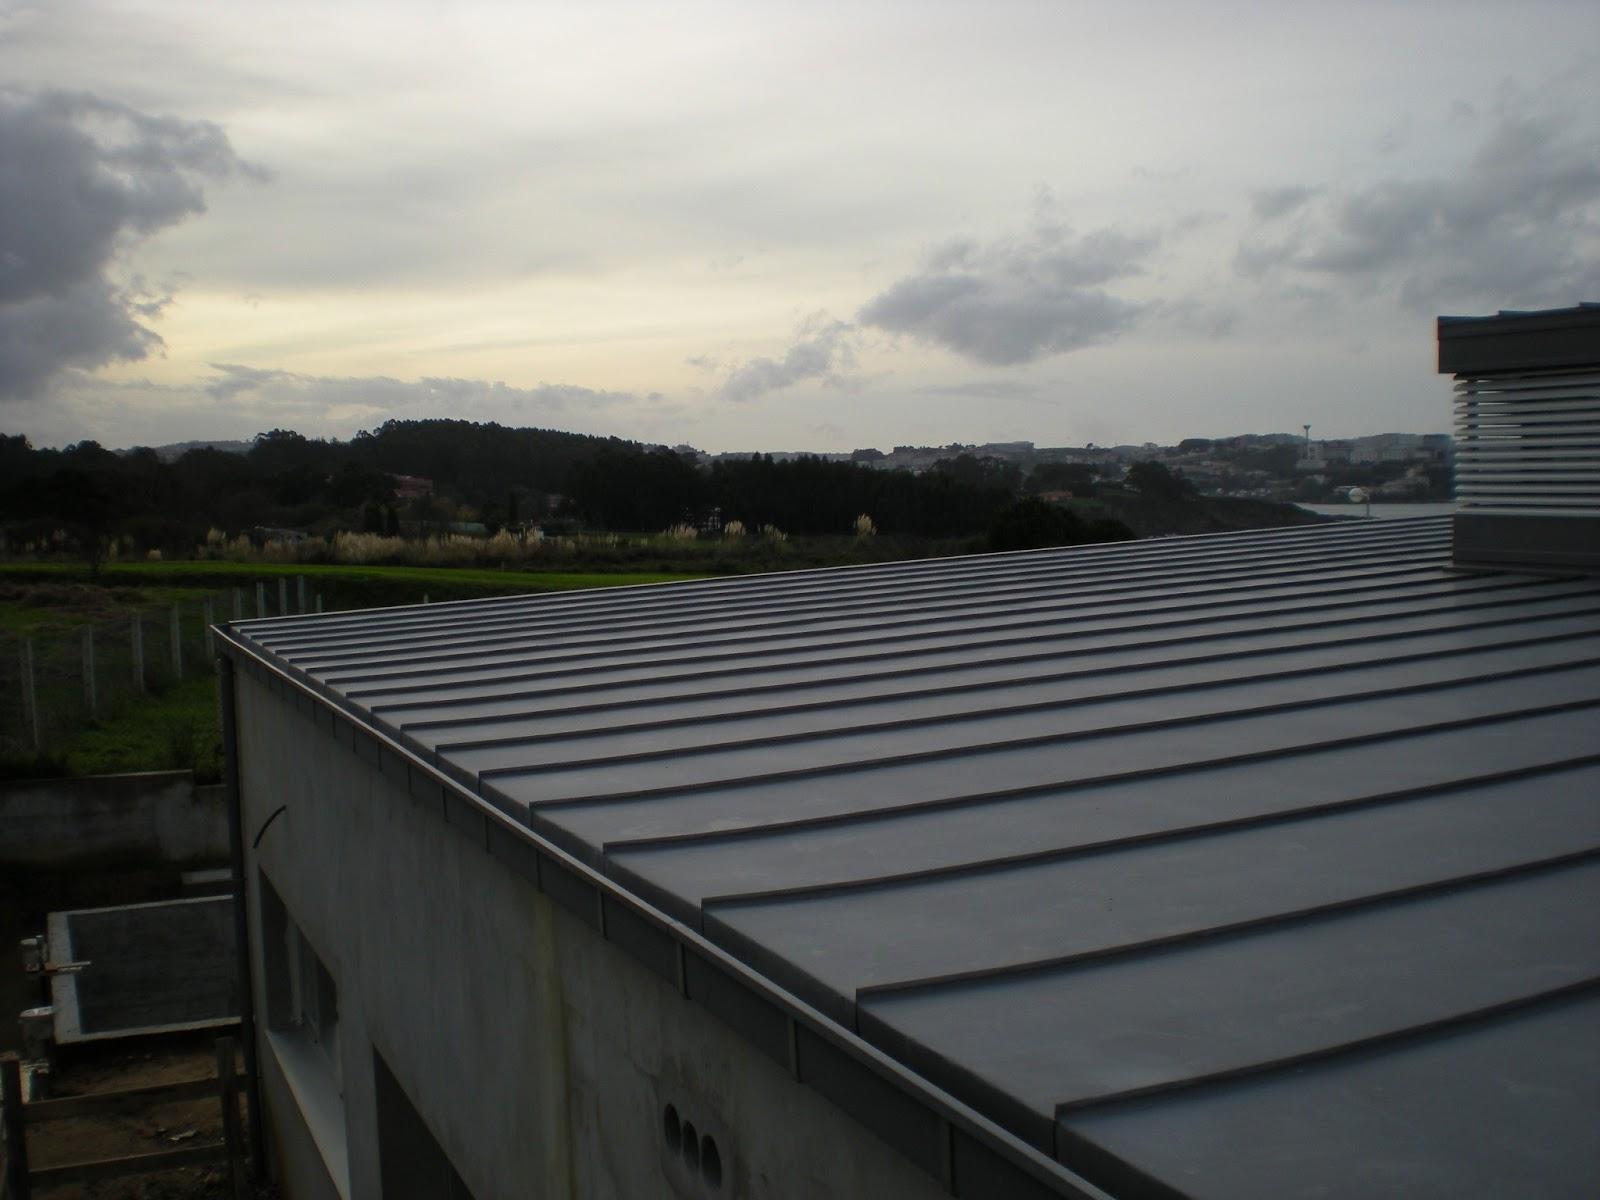 Cubiertas rendal tejado cubierta de zinc en la coru a - Cubiertas de tejados ...